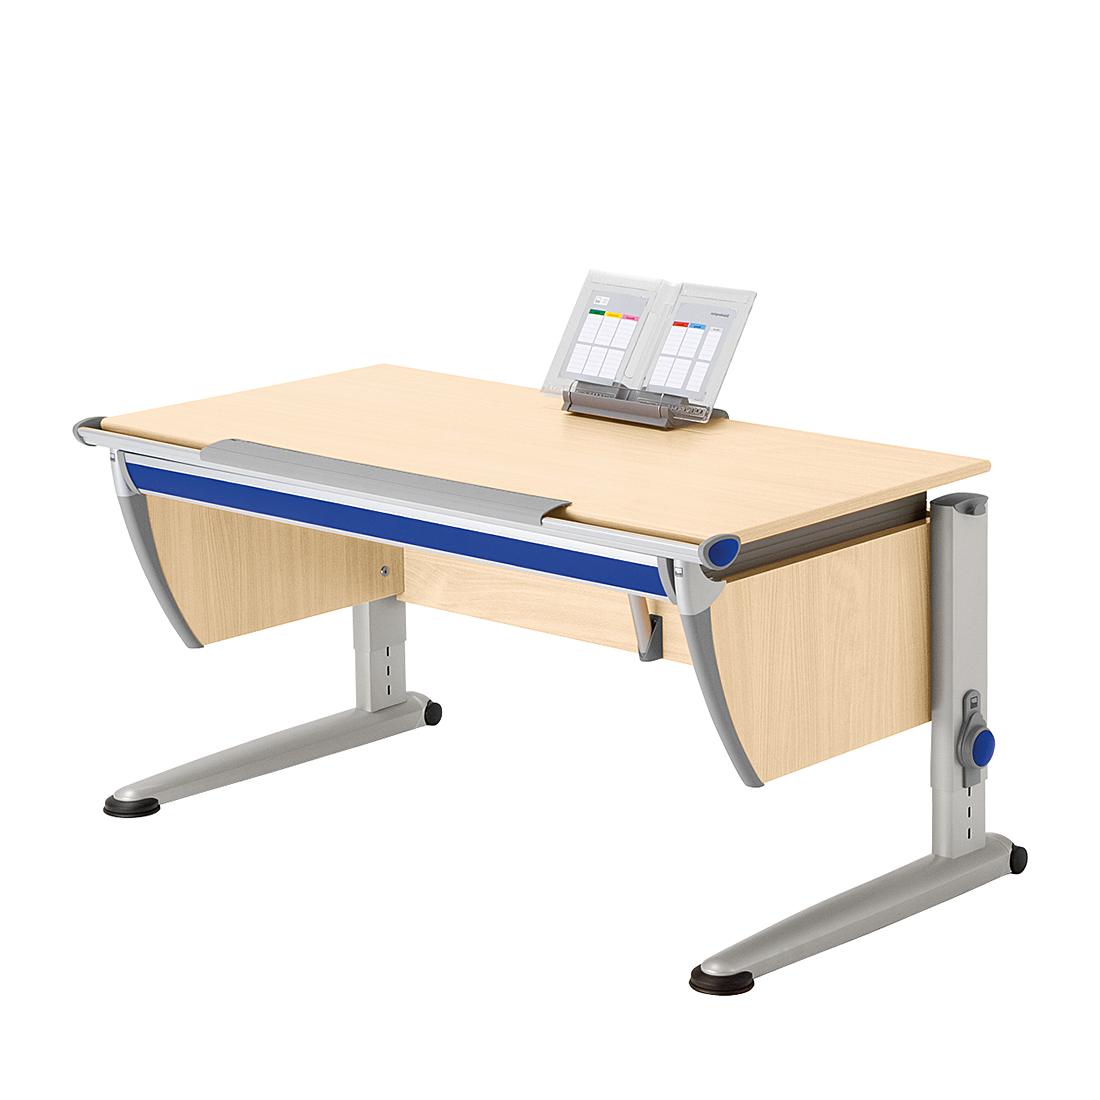 Moll Schreibtisch Lagerverkauf 2021